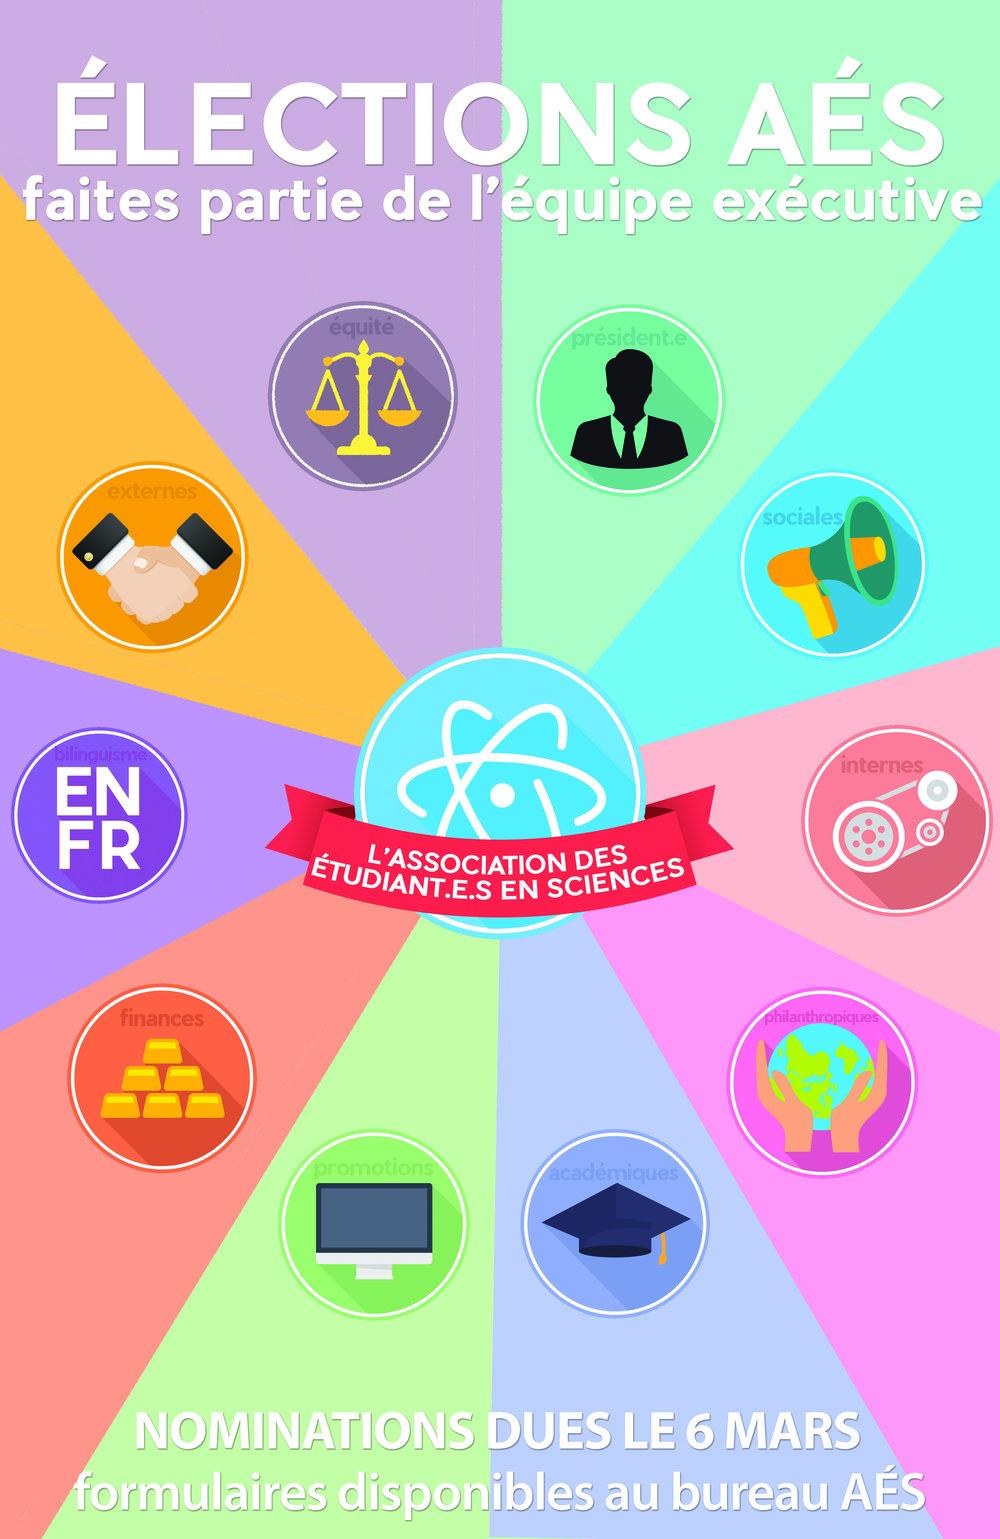 exec elections fr.jpg